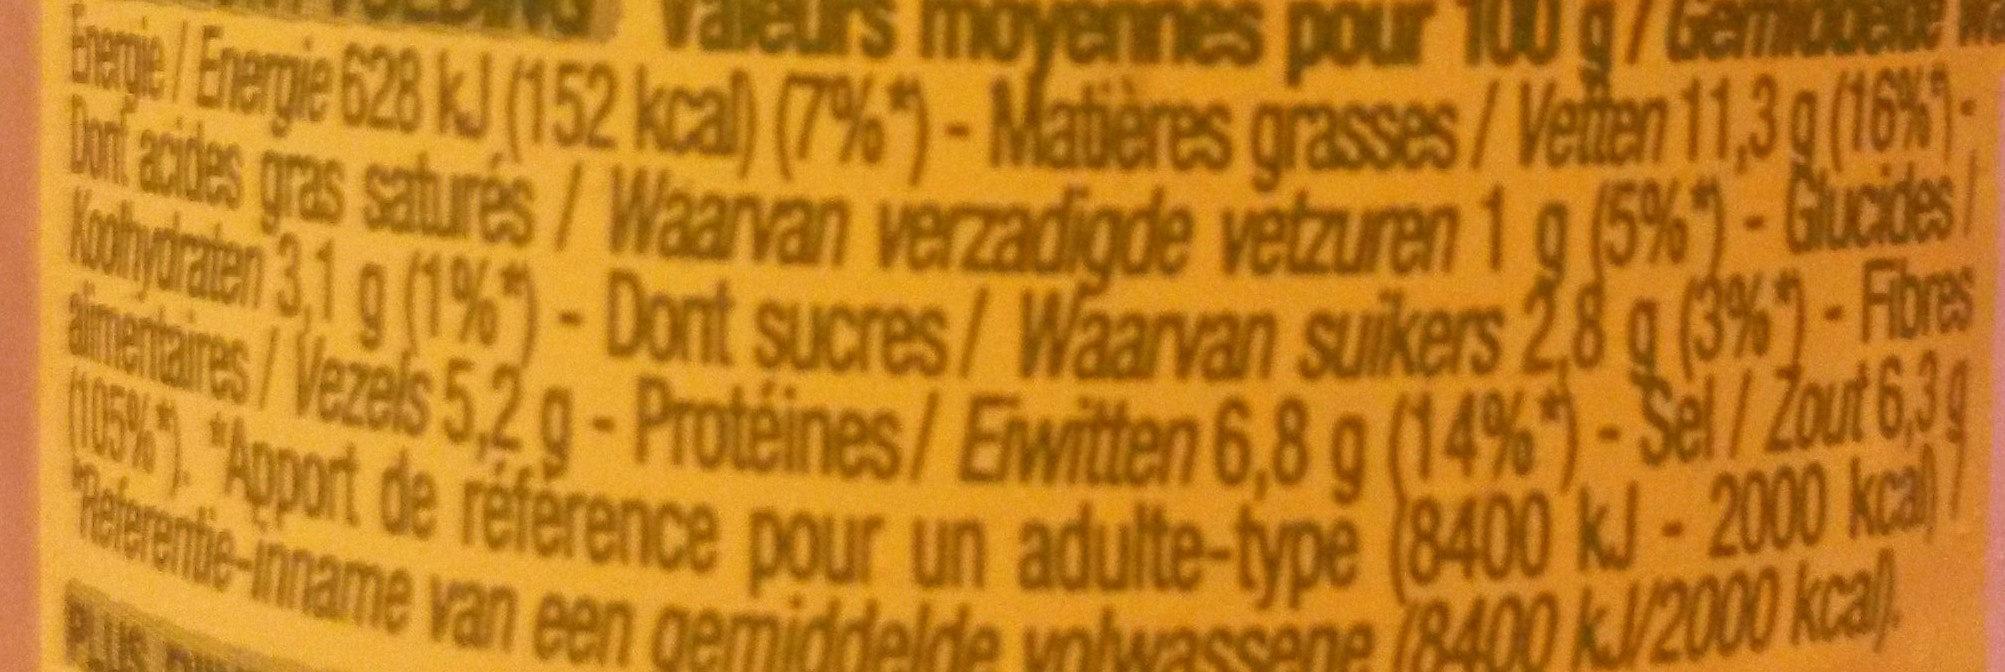 Moutarde de Dijon - Informations nutritionnelles - fr